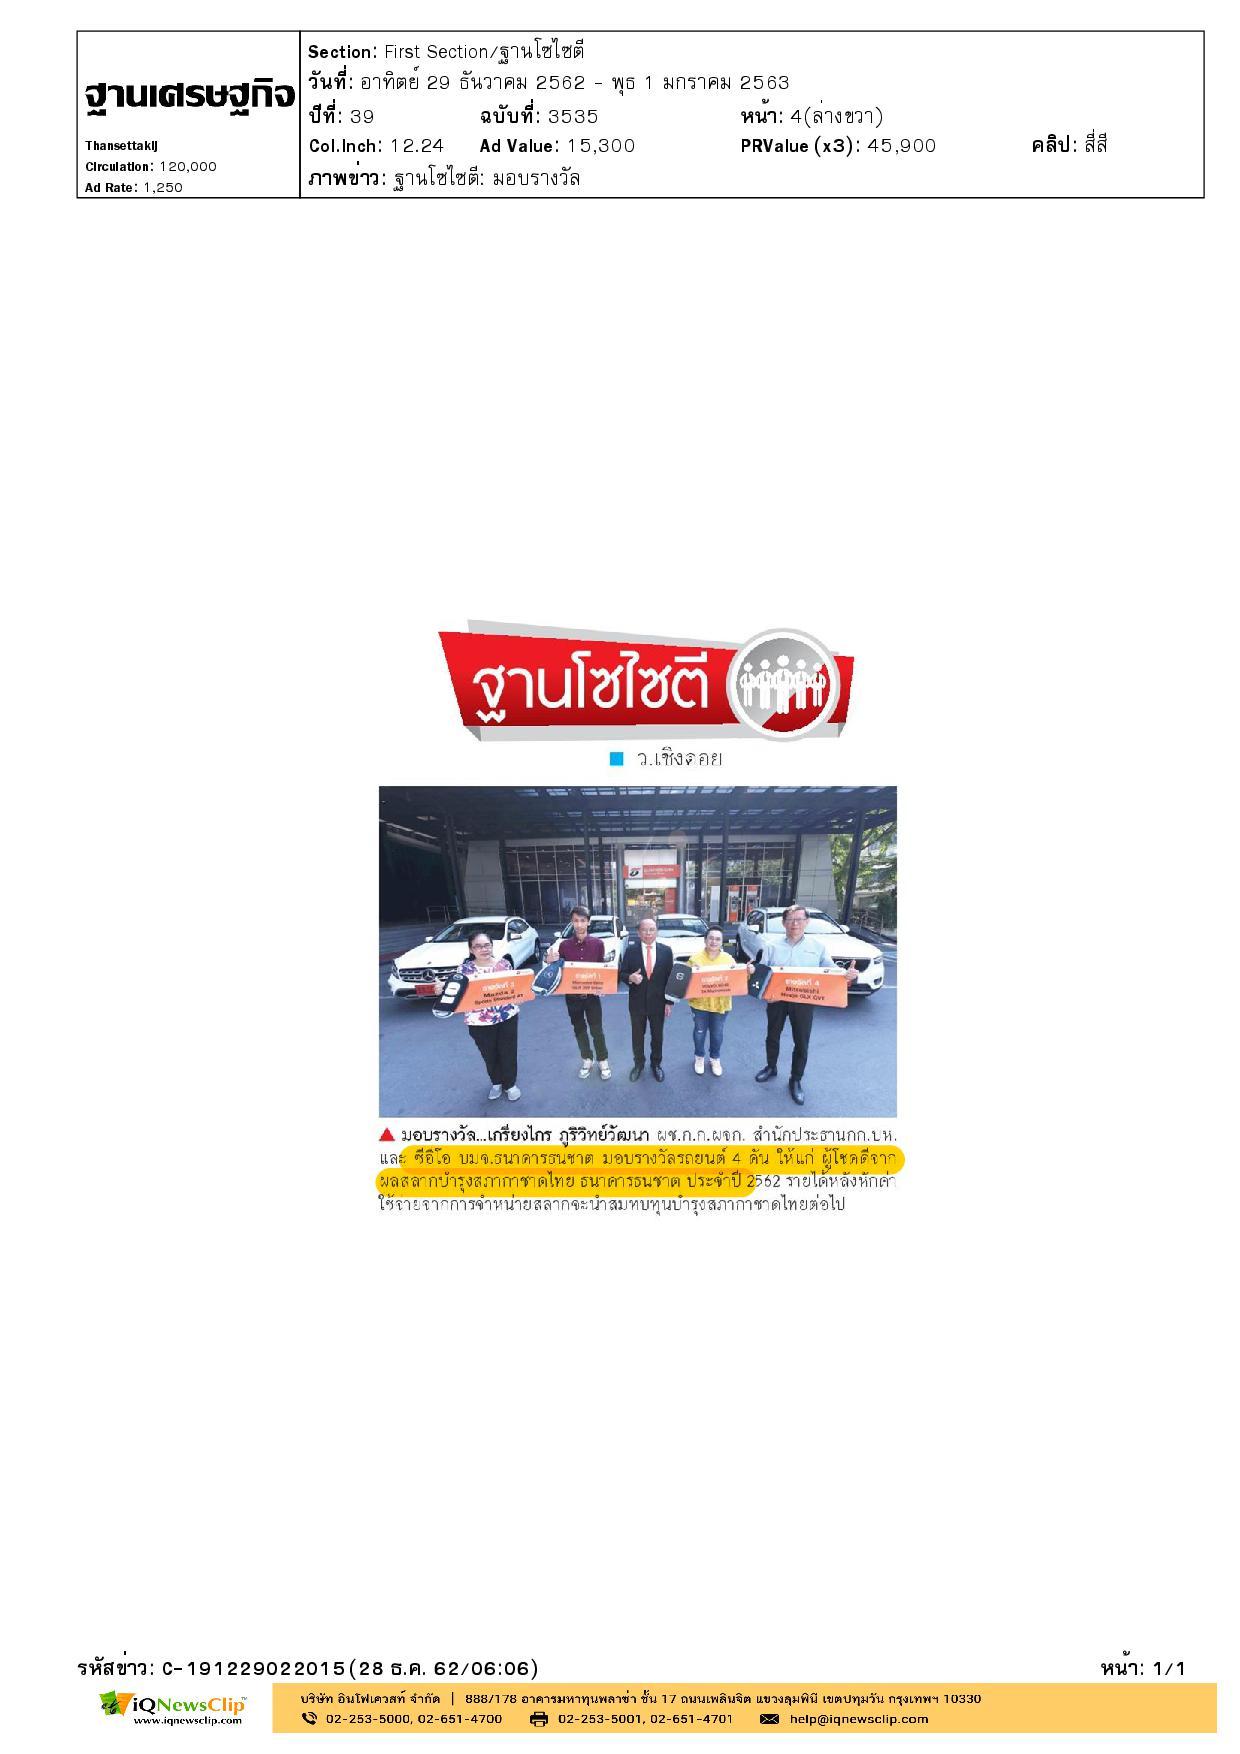 ธนาคารธนชาต มอบรางวัลให้แก่ผู้โชคดีจากผลสลากบำรุงสภากาชาดไทย